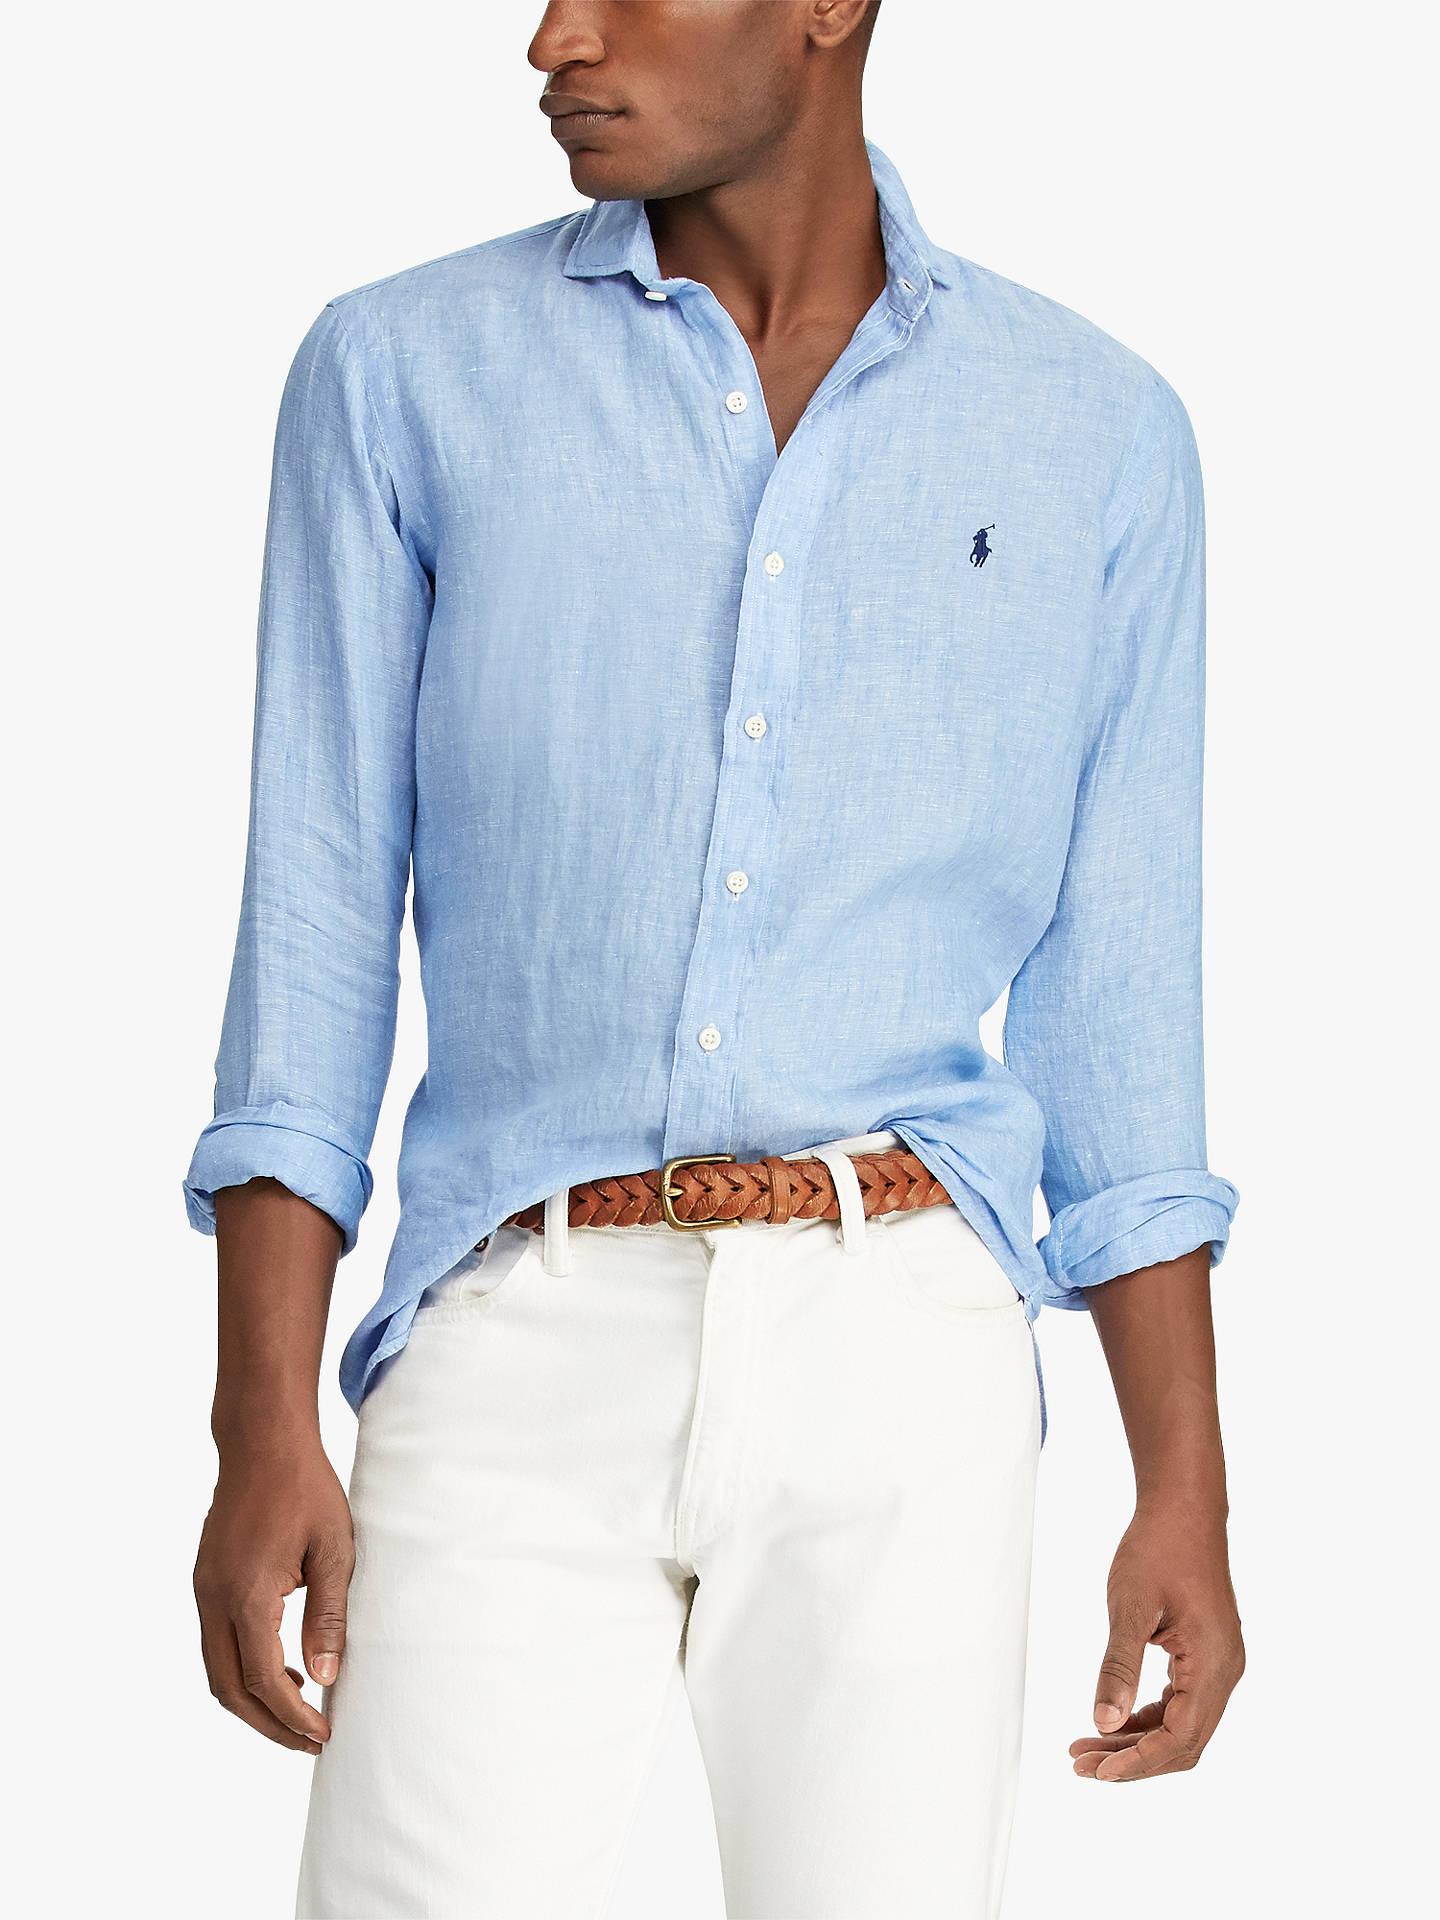 49c83d3e5ac7ef Polo Ralph Lauren Linen Long Sleeve Shirt at John Lewis   Partners